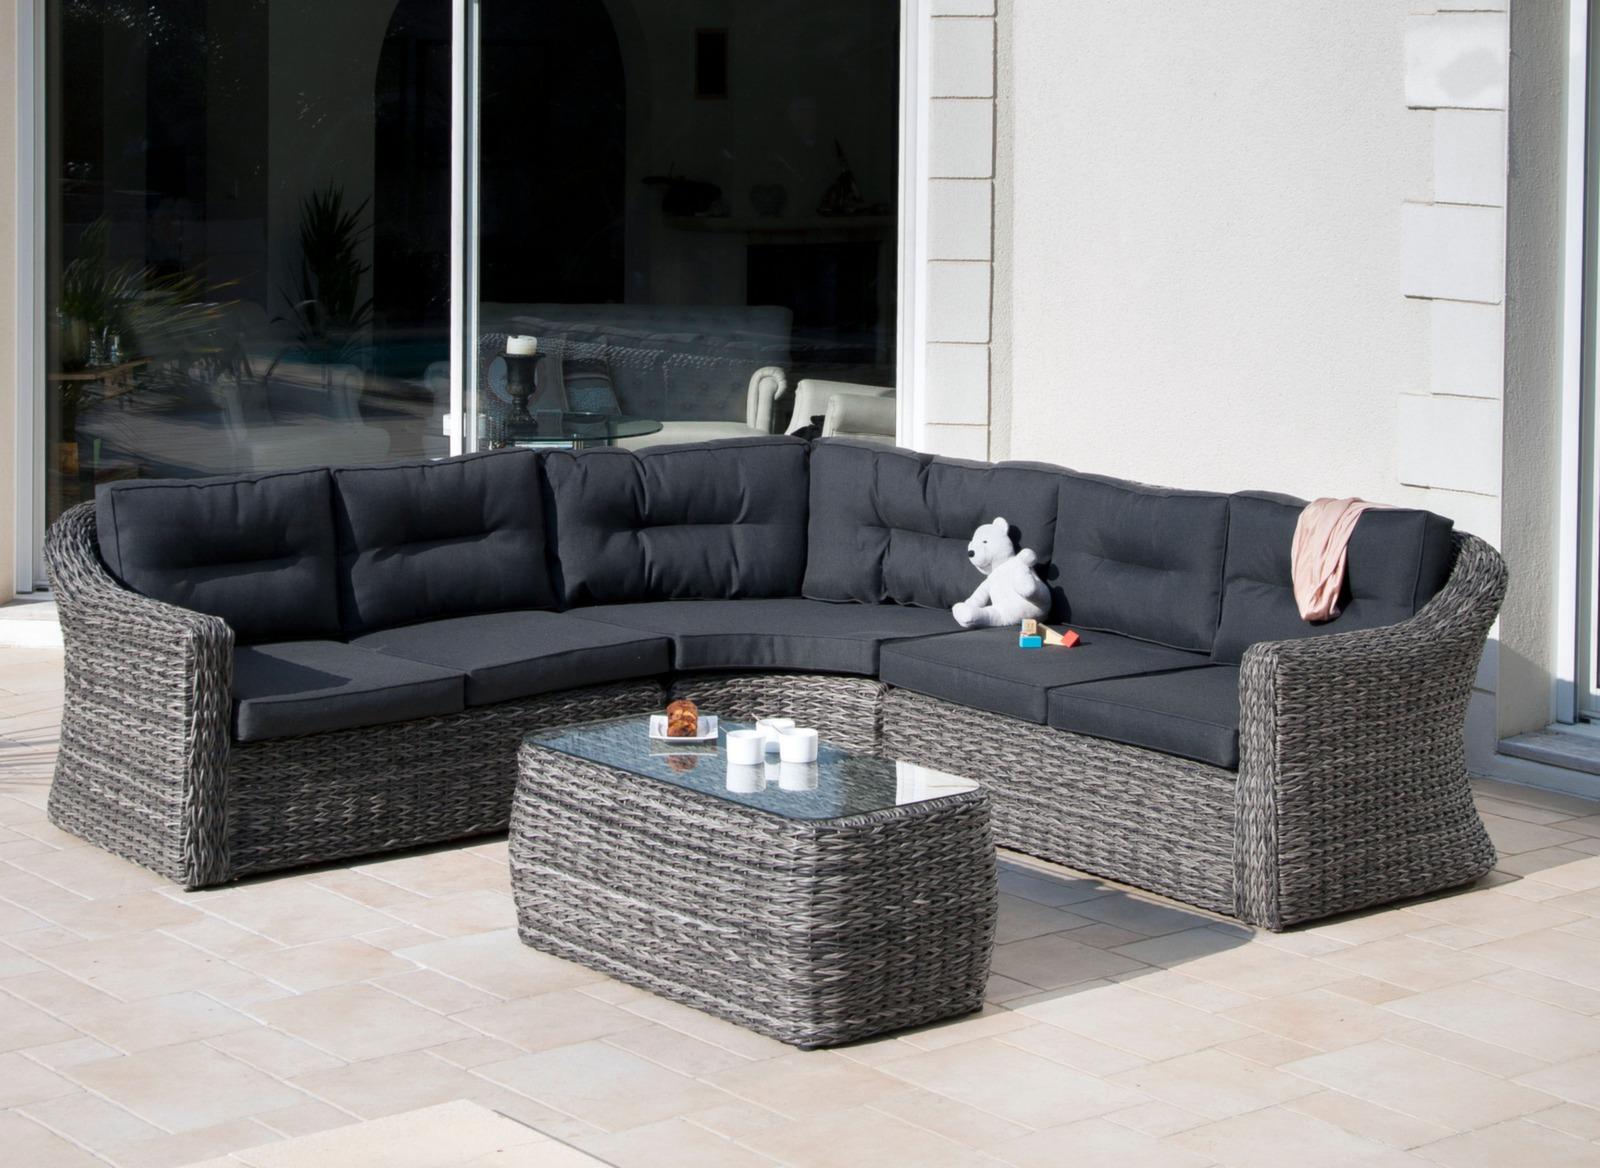 Fauteuil De Jardin Tres Confortable: Table et fauteuils de jardin ...